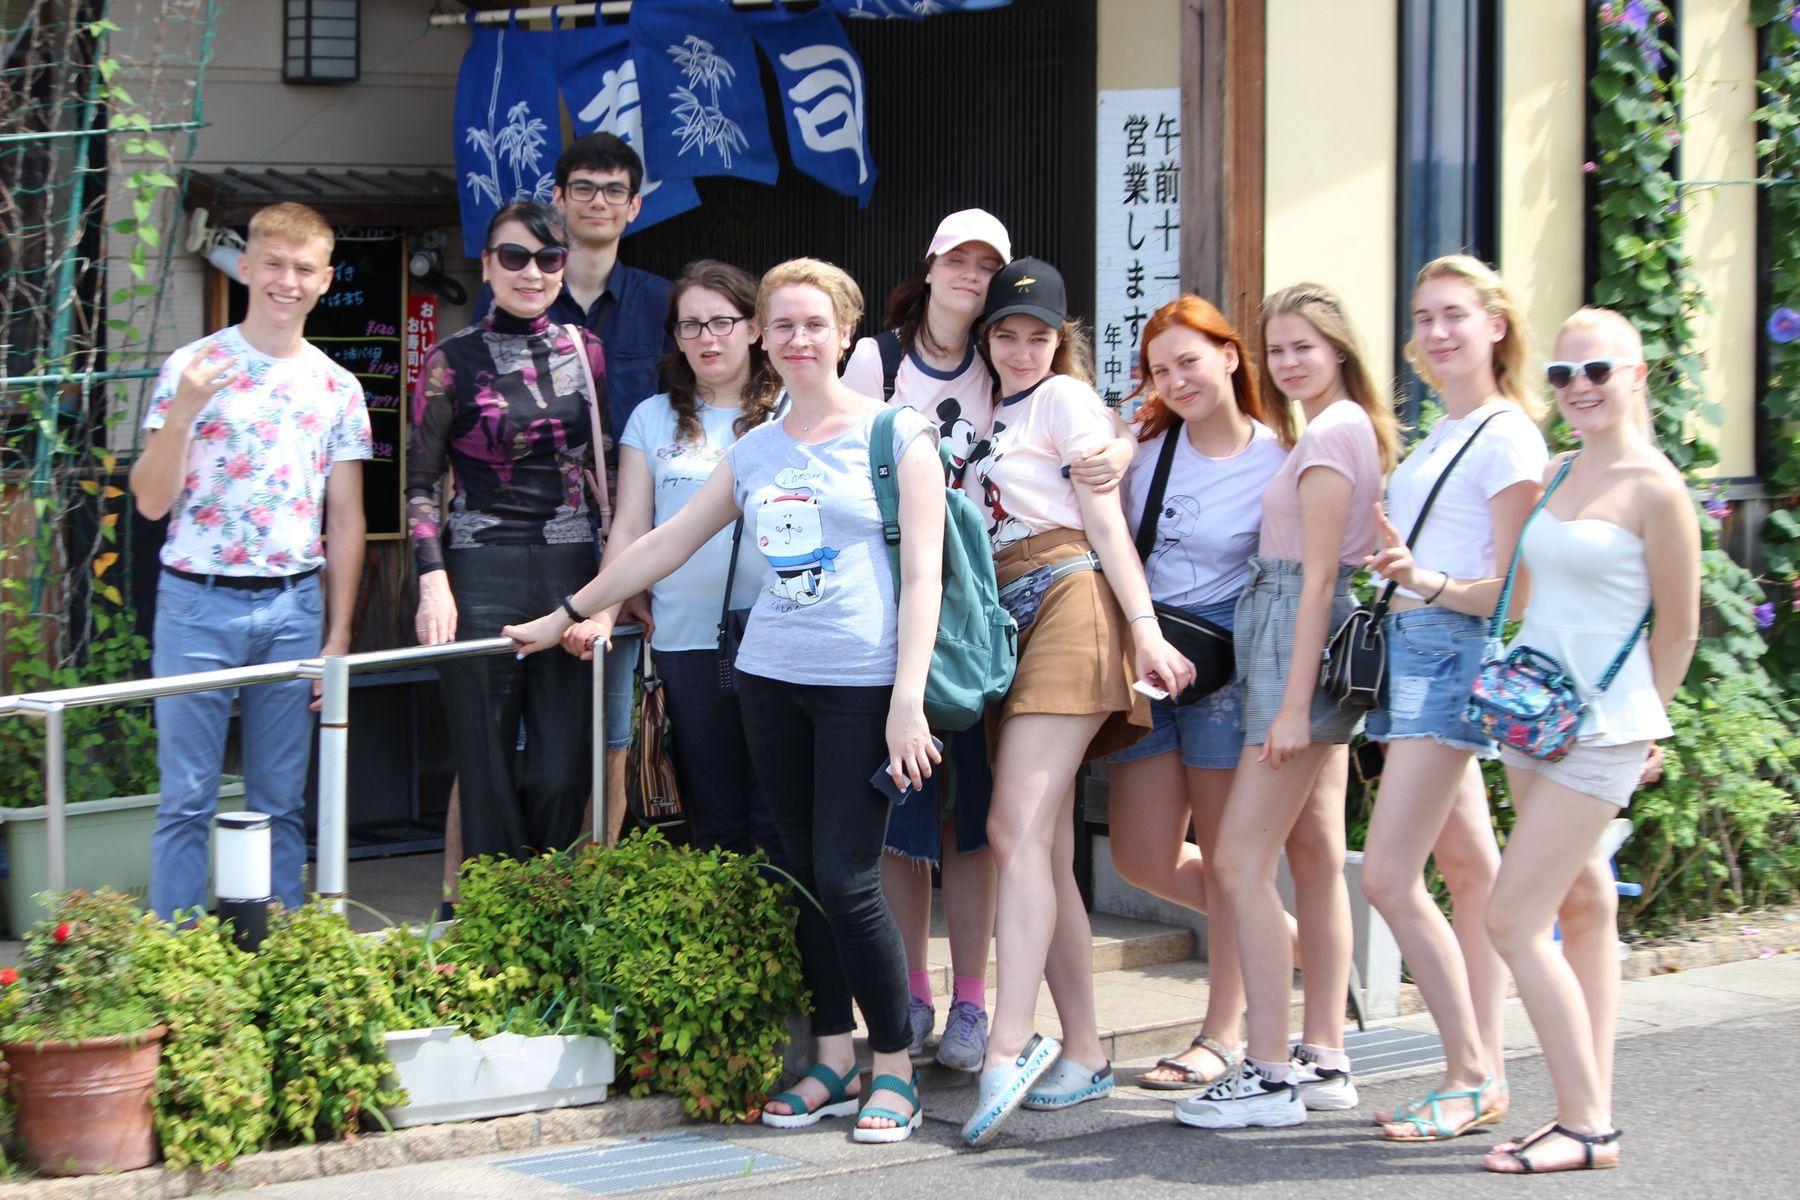 Международный институт туризма и гостеприимства ВГУЭС знакомит своих студентов с туристскими предприятиями Японии